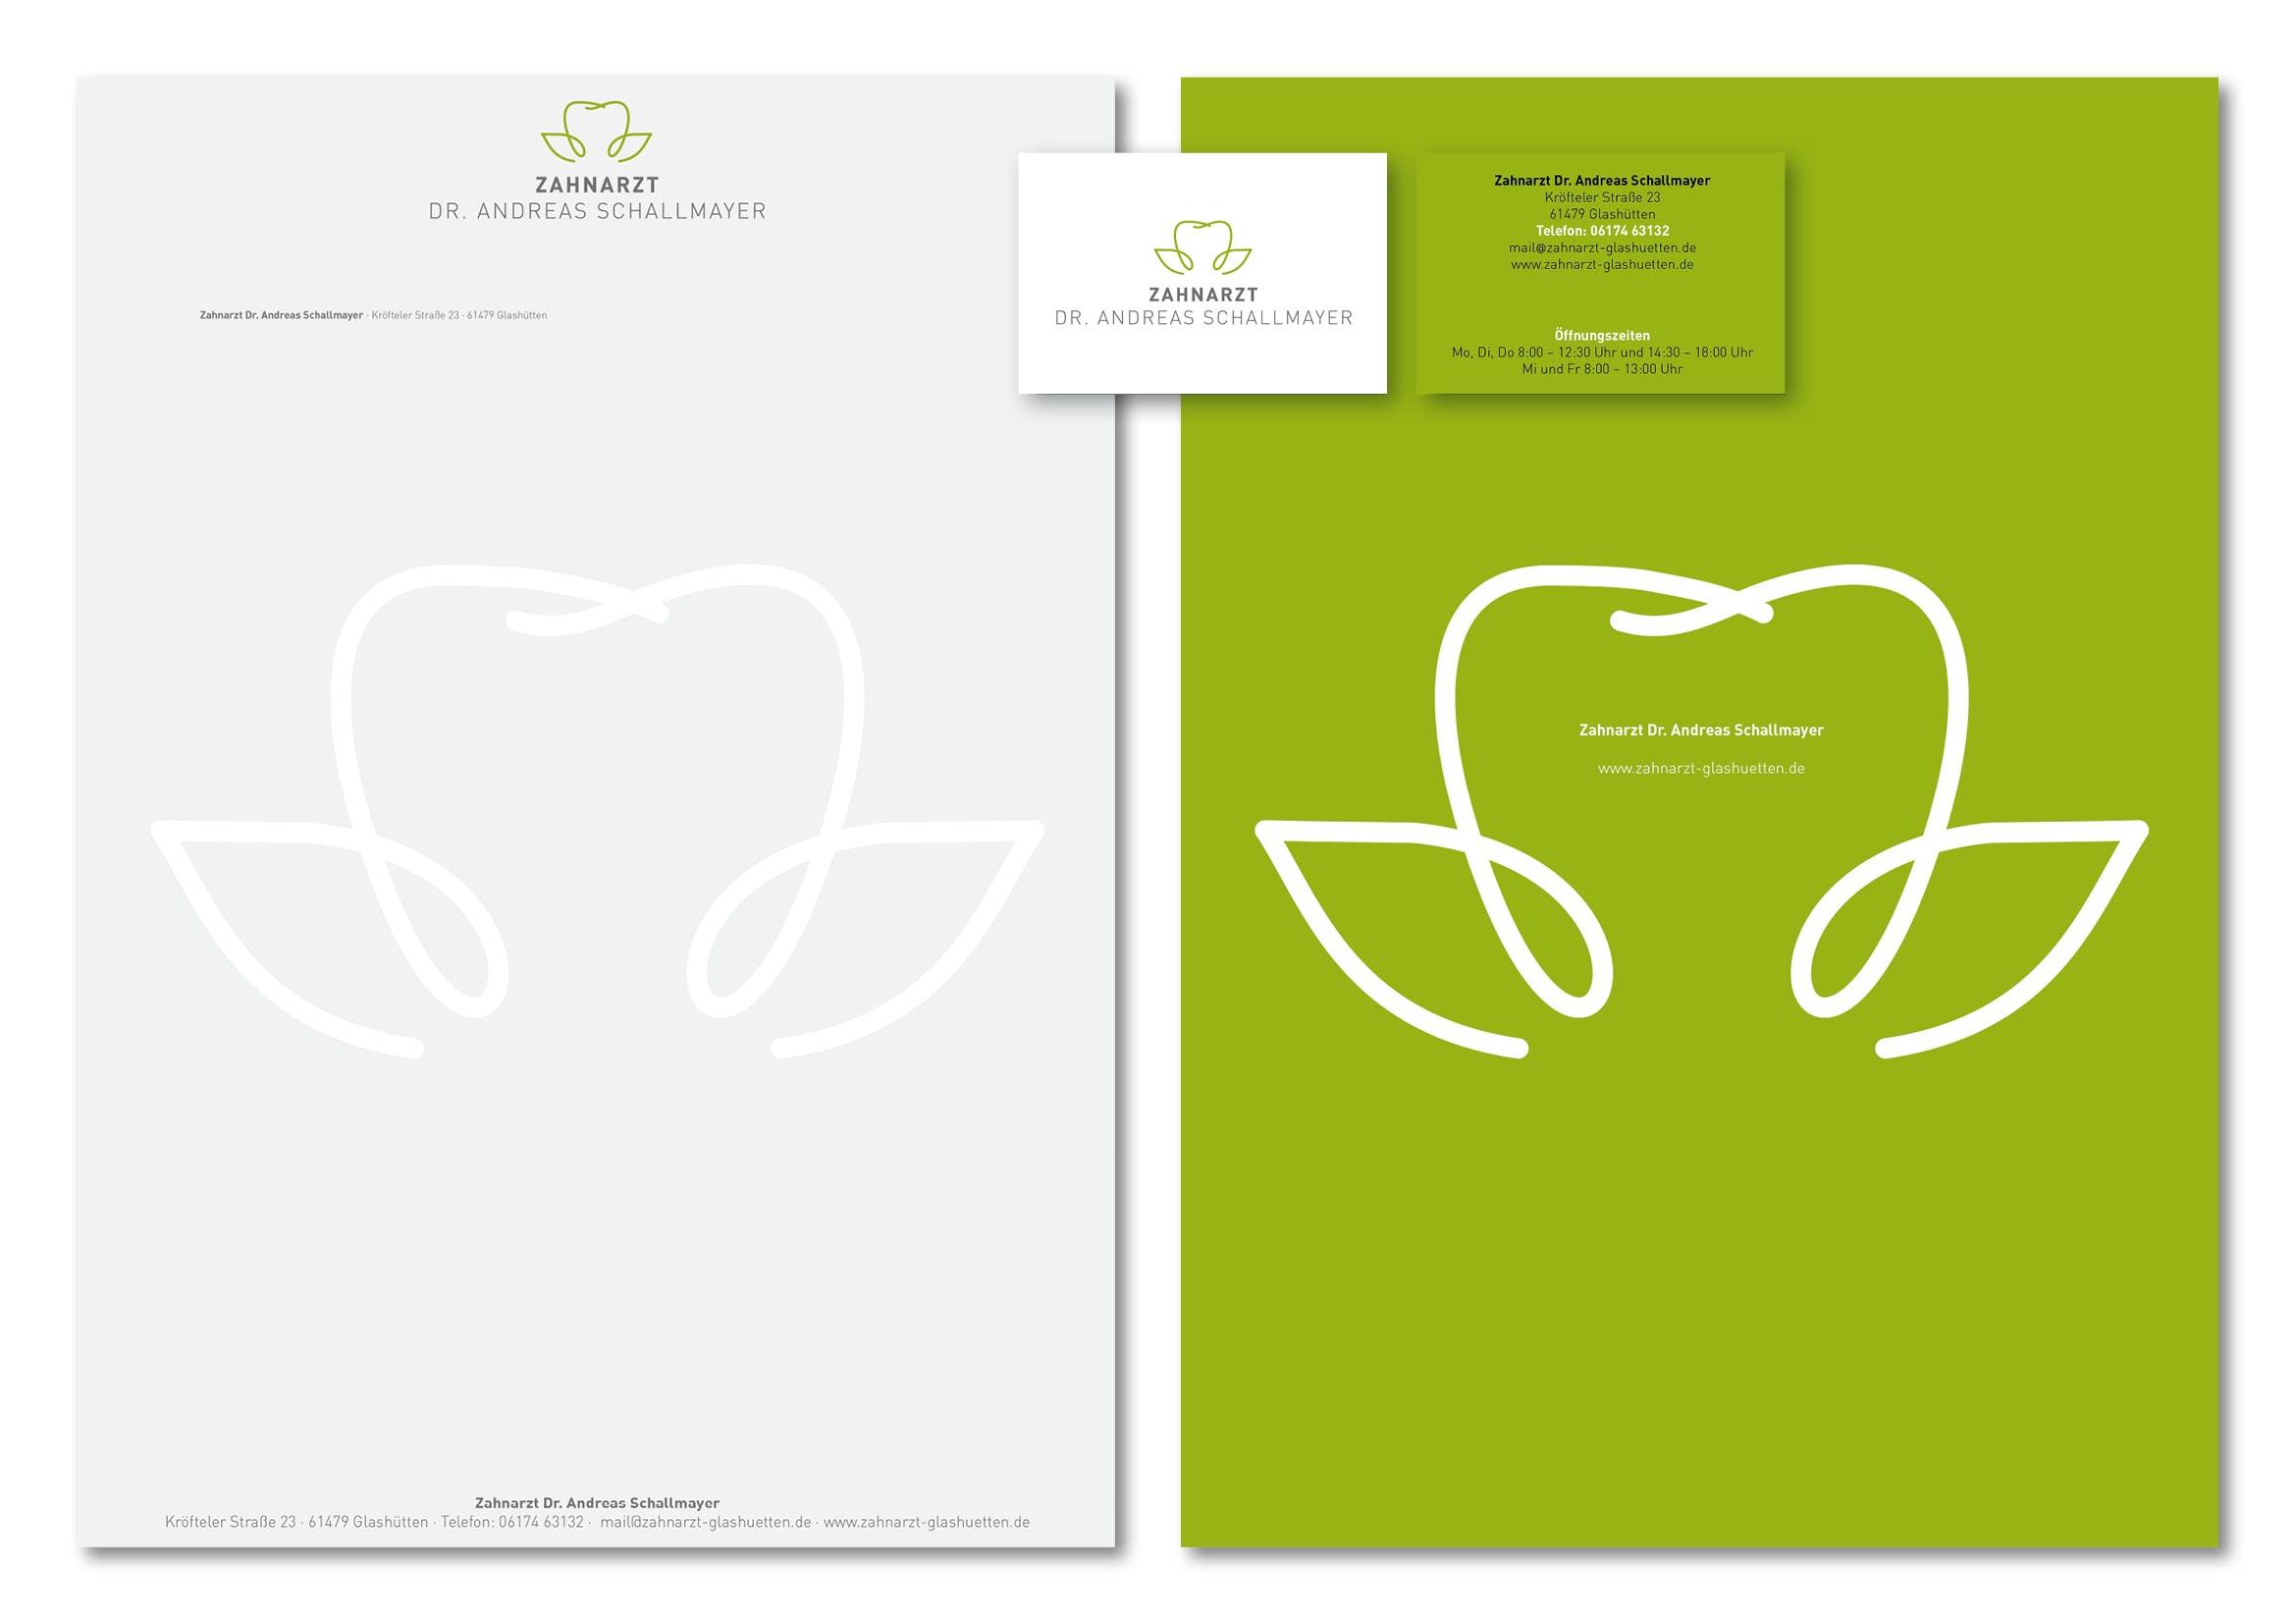 Corporate Design Entwicklung für Zahnarzt